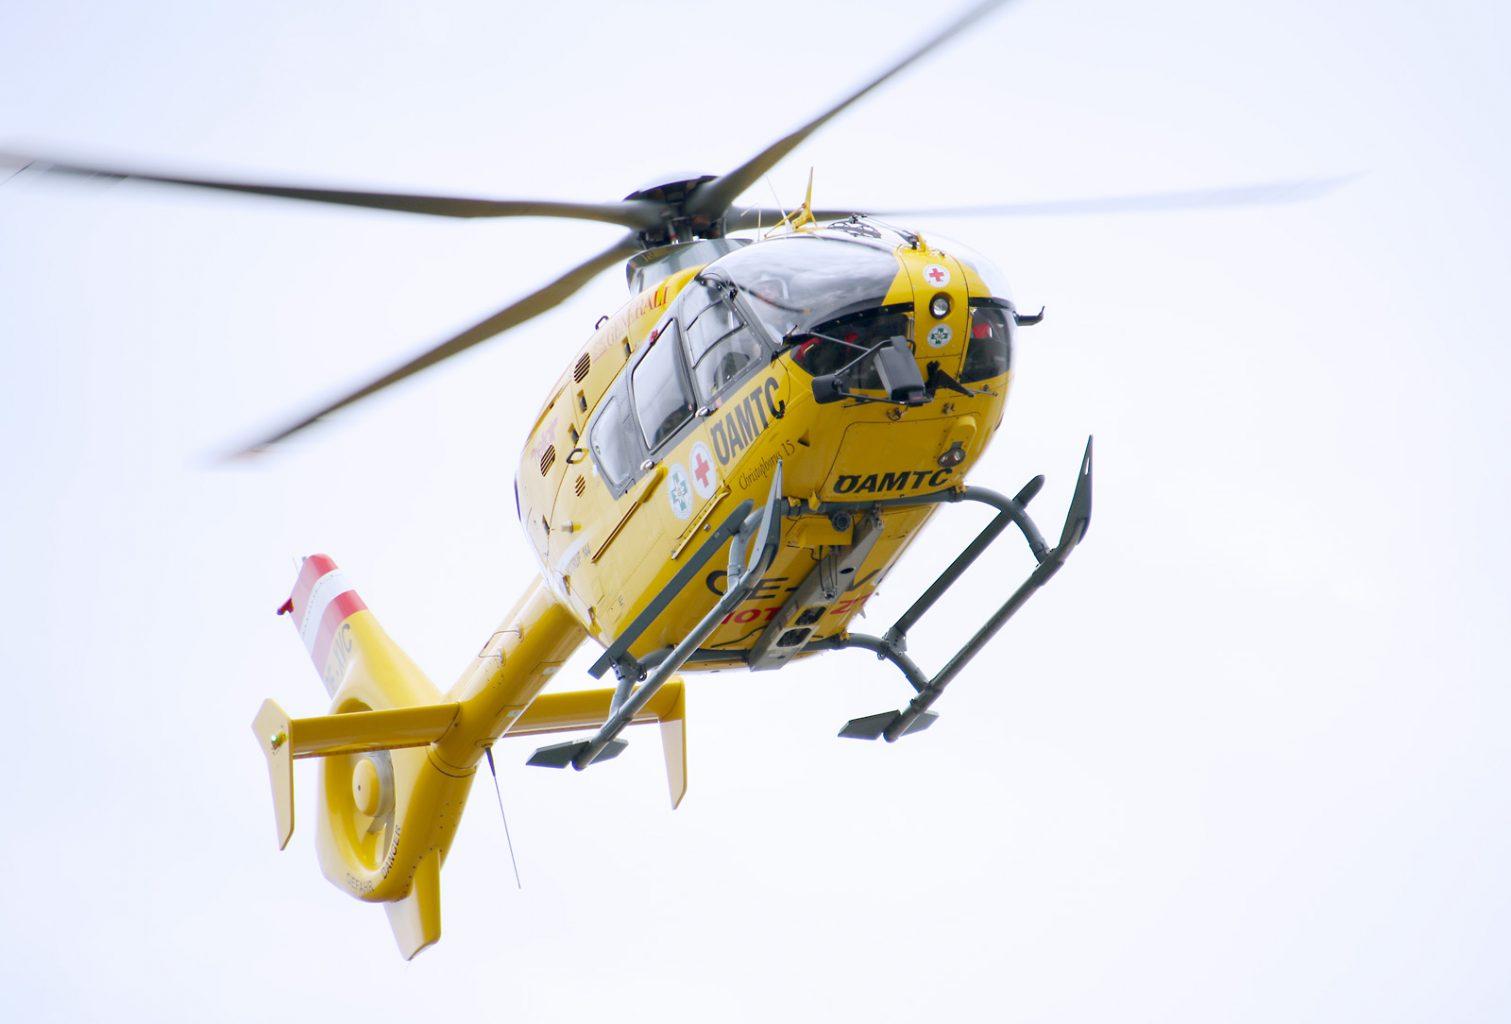 Christophorus 15 des ÖAMTC mit der Kennung 'OE-XEC' ist ein Eurocopter EC-135 T1 © Doppeladler.com